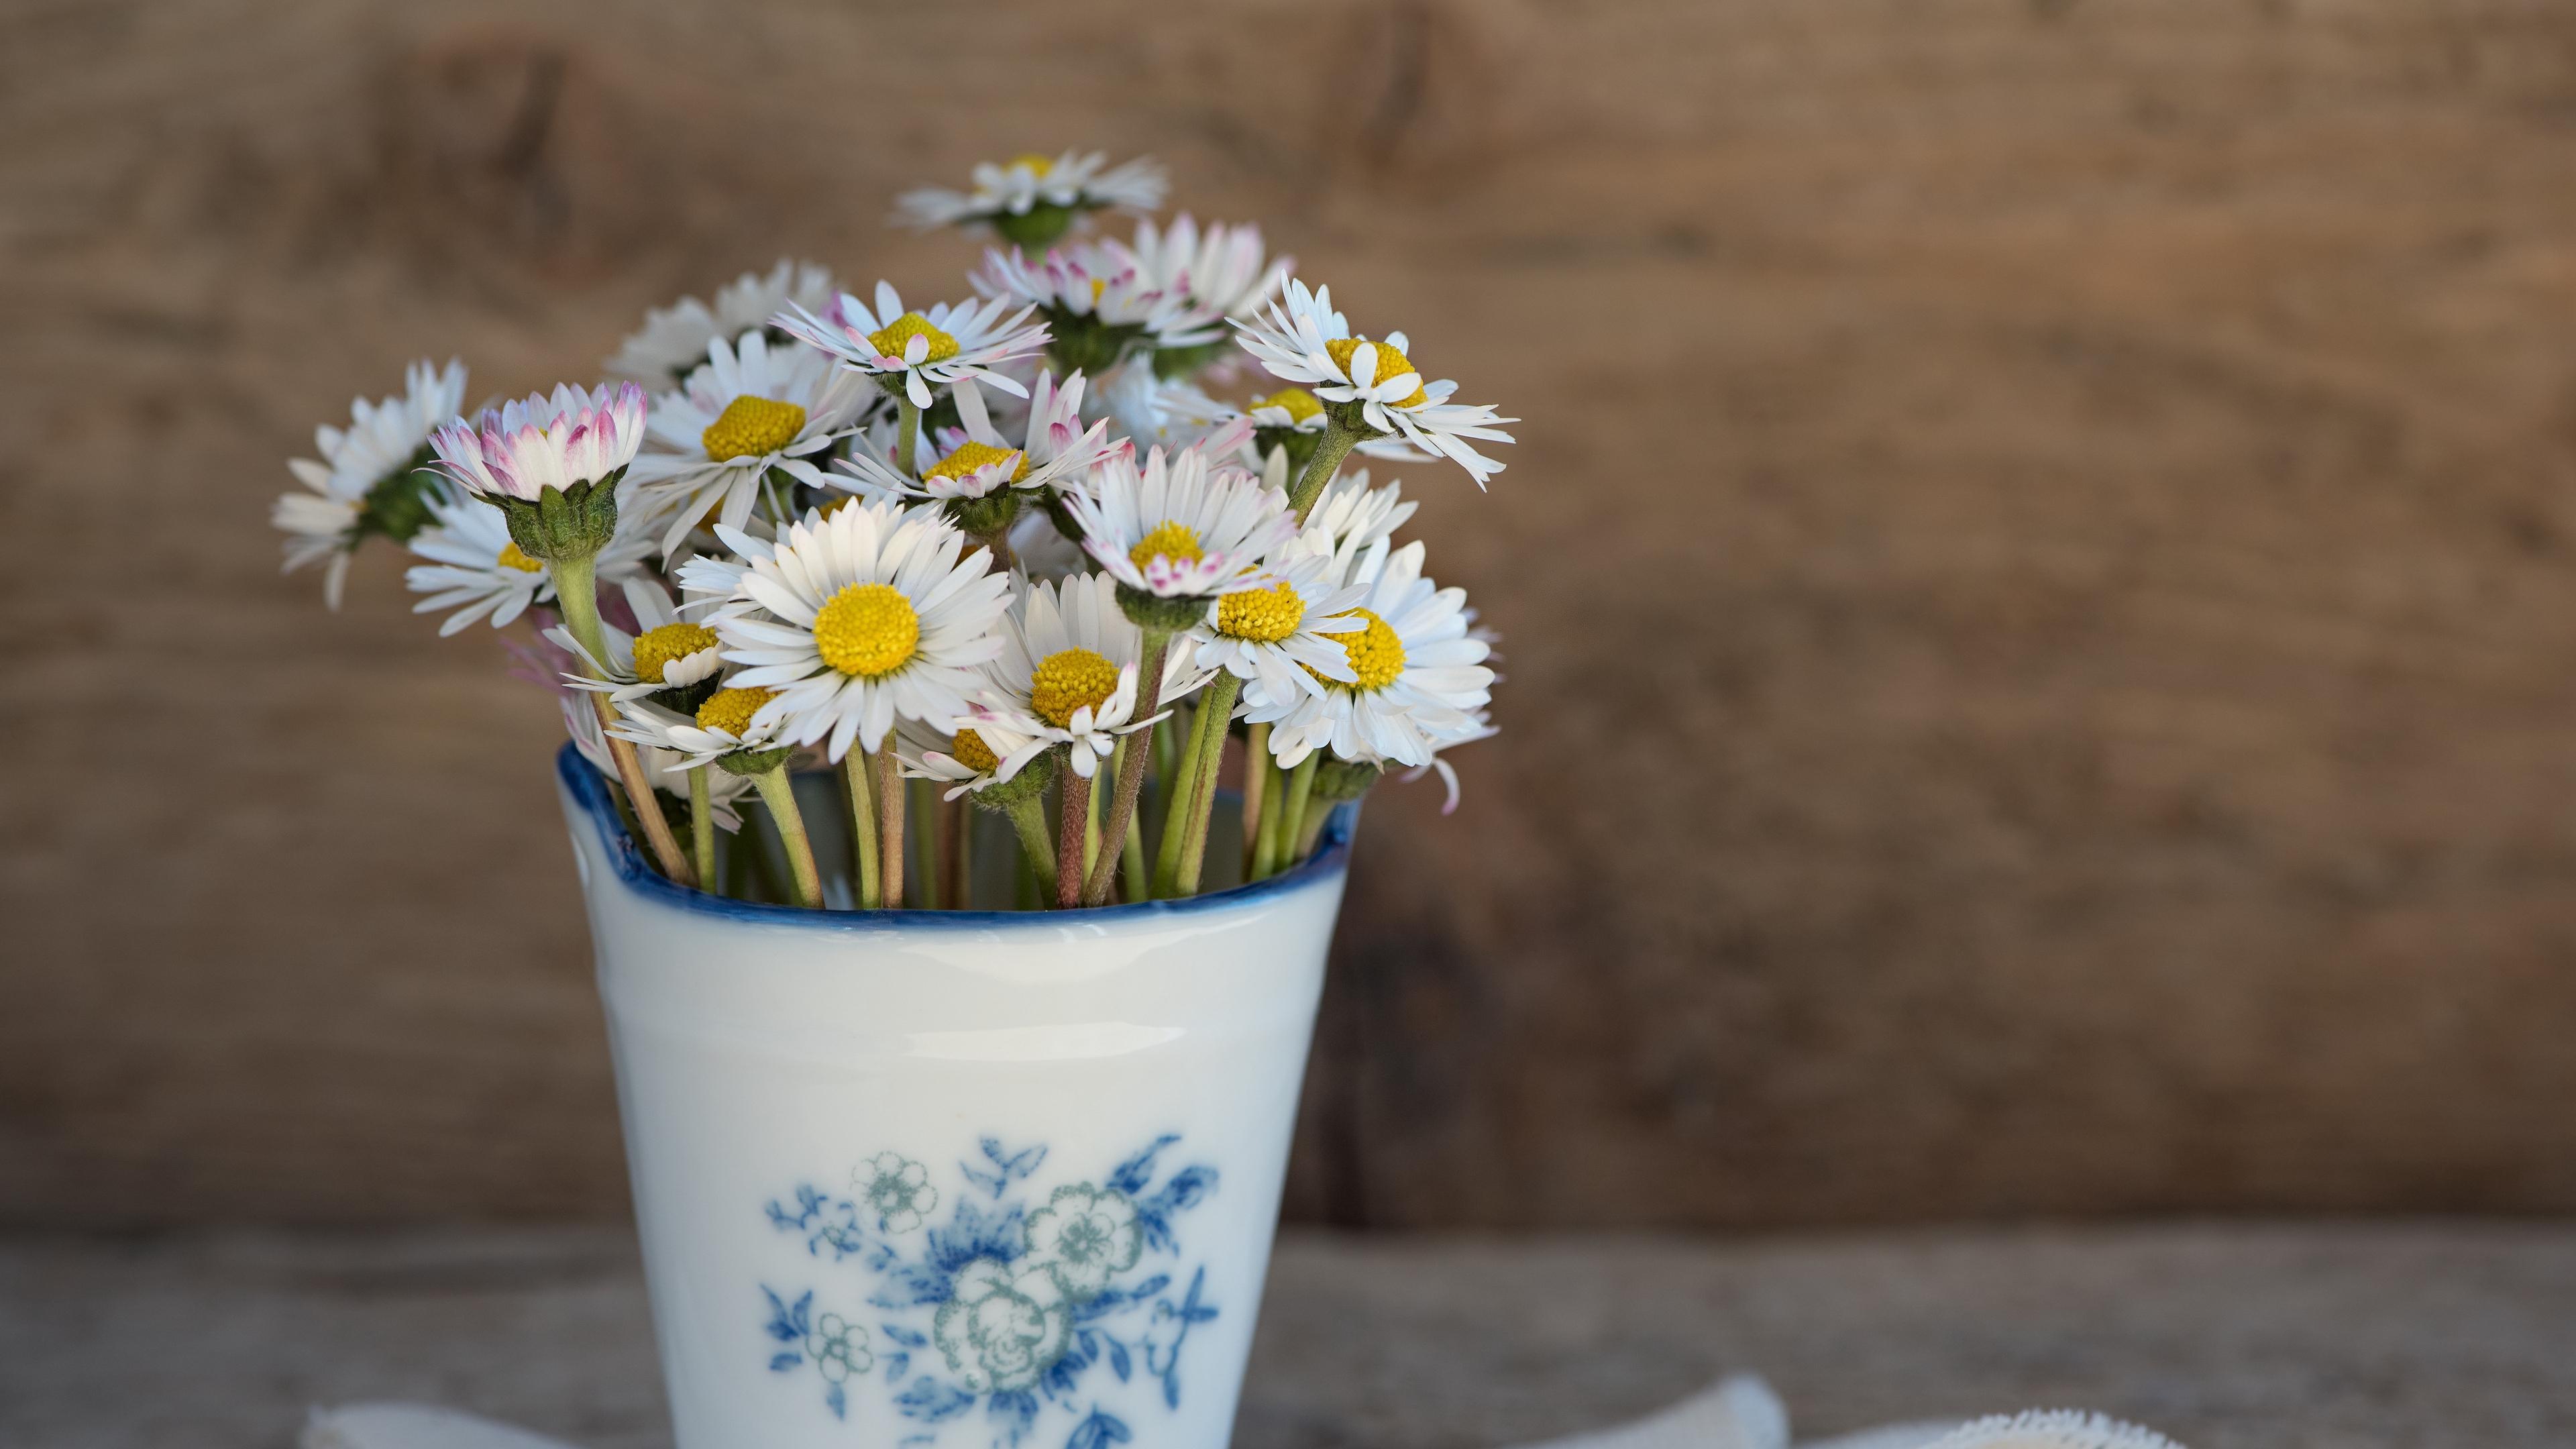 daisies vase napkin 4k 1540064729 - daisies, vase, napkin 4k - Vase, napkin, Daisies